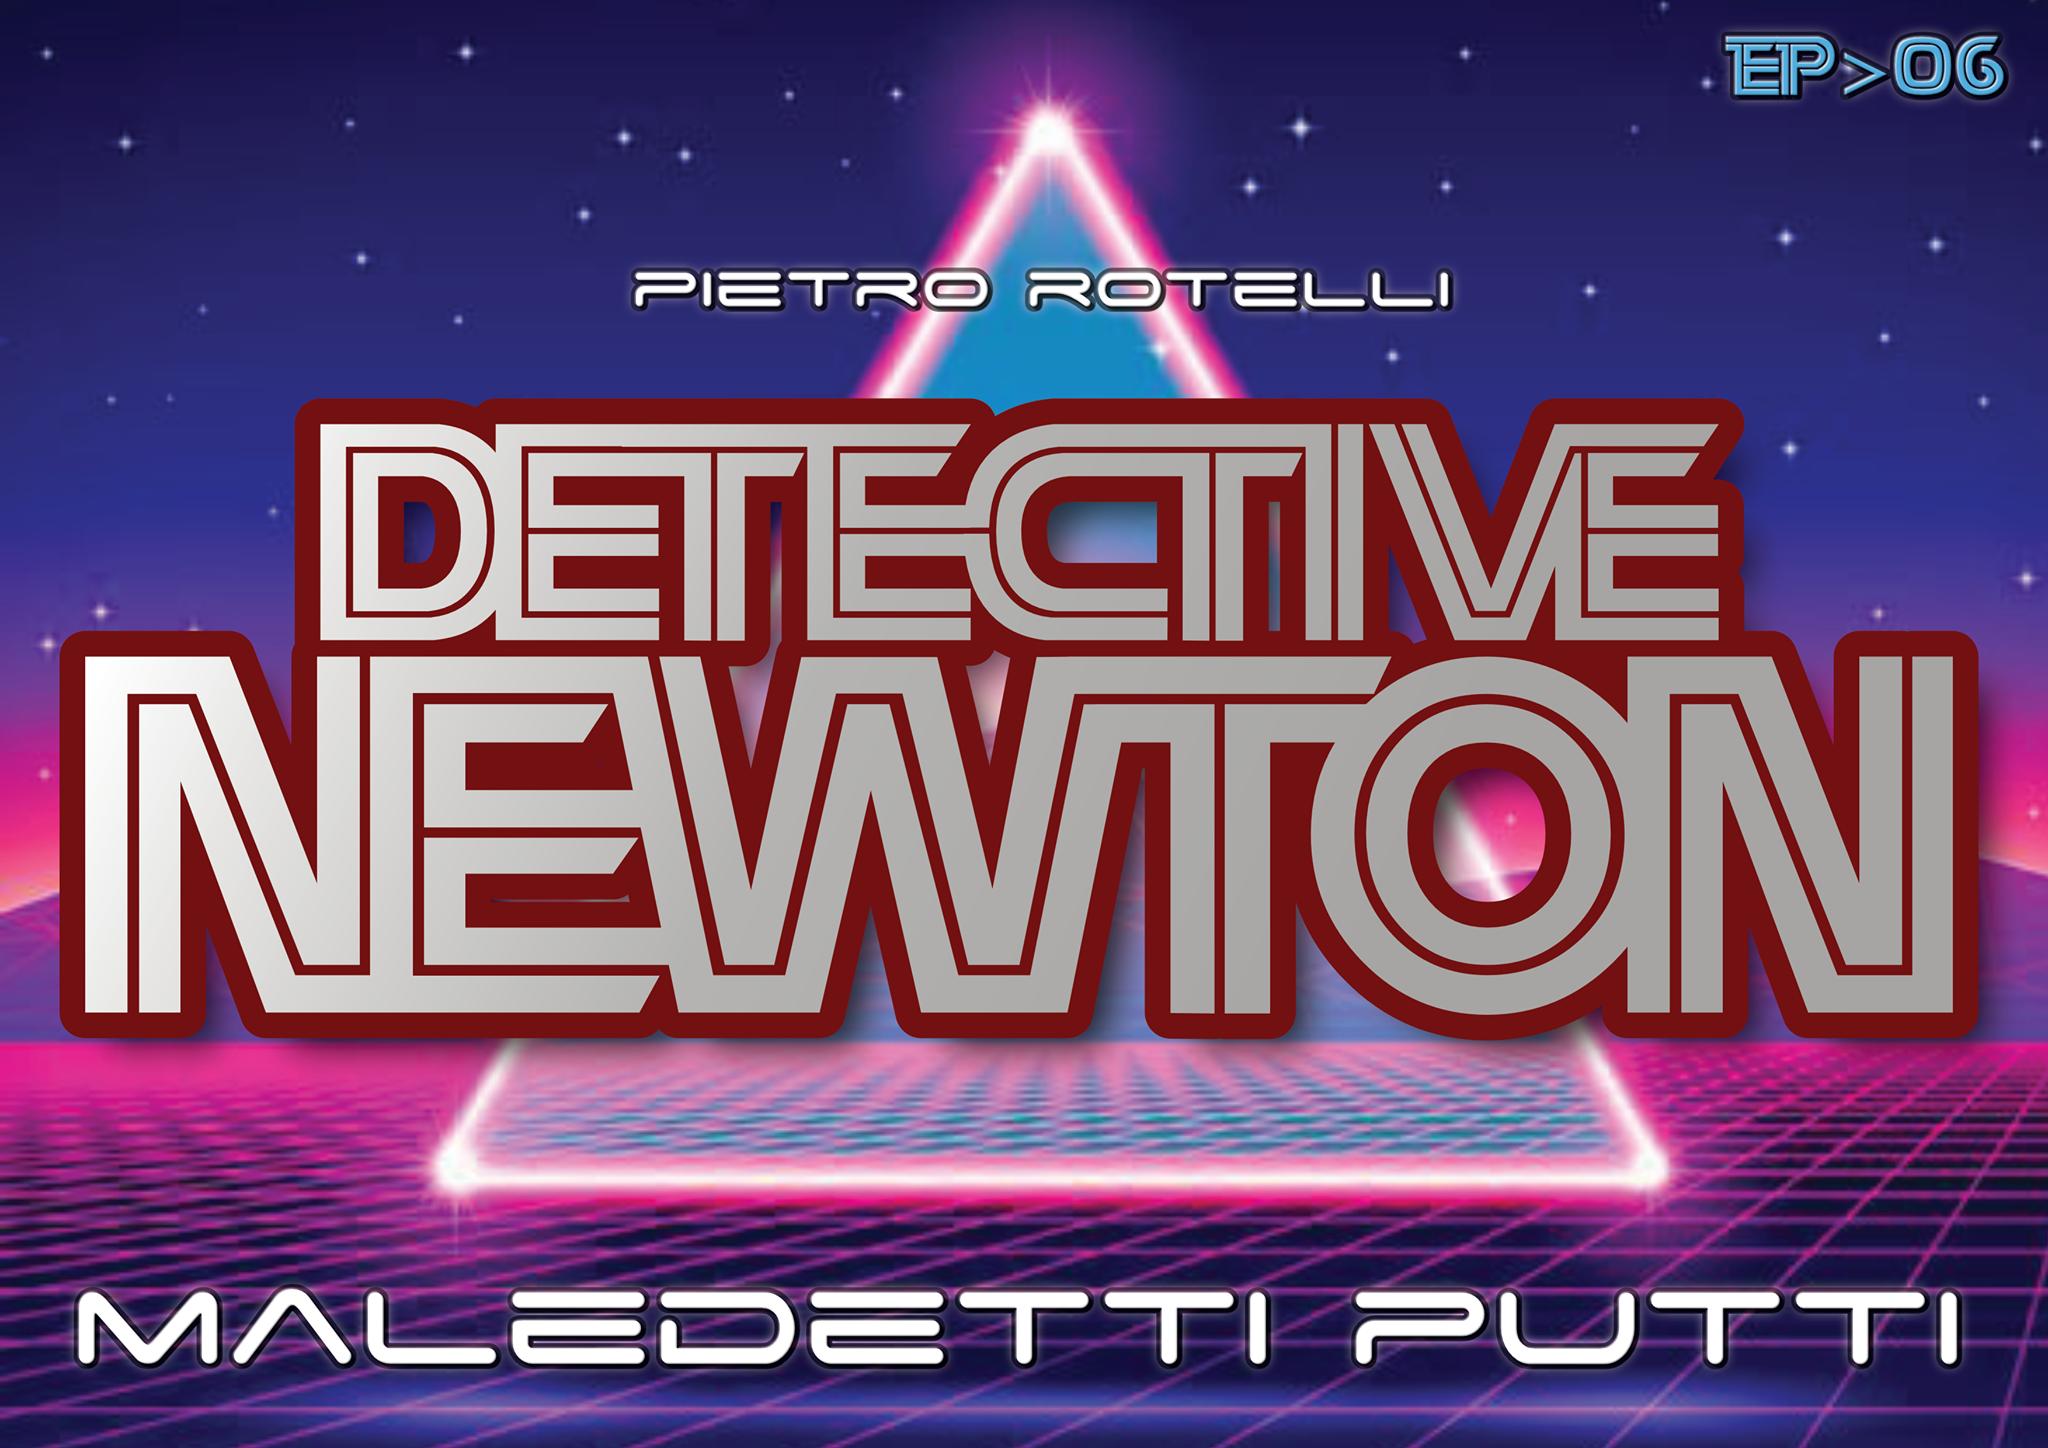 Maledetti putti (Un'avventura del Detective Newton EP.06) 1 - fanzine